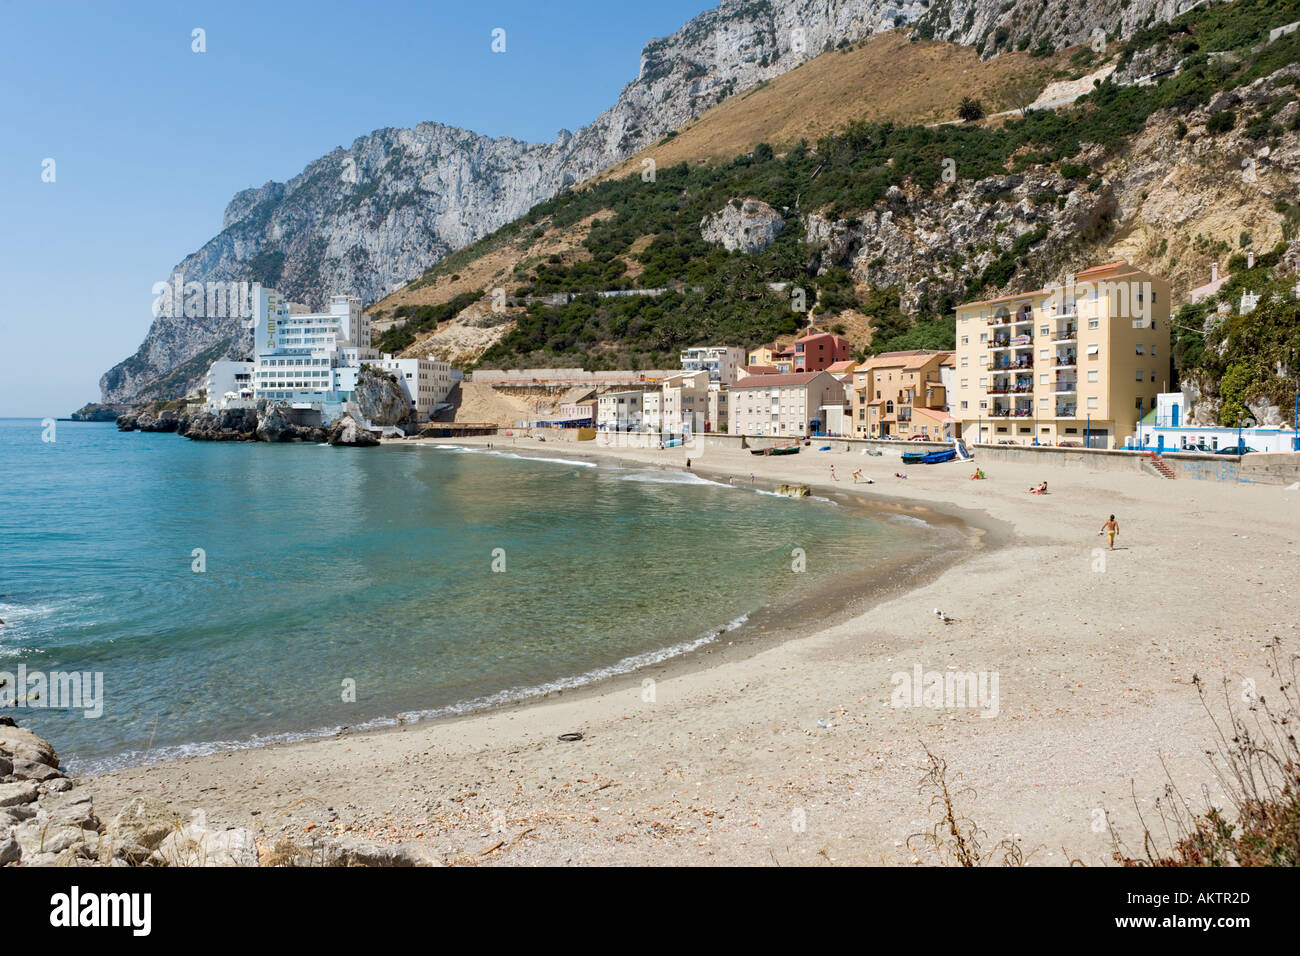 Caleta Beach, Gibraltar Stock Photo